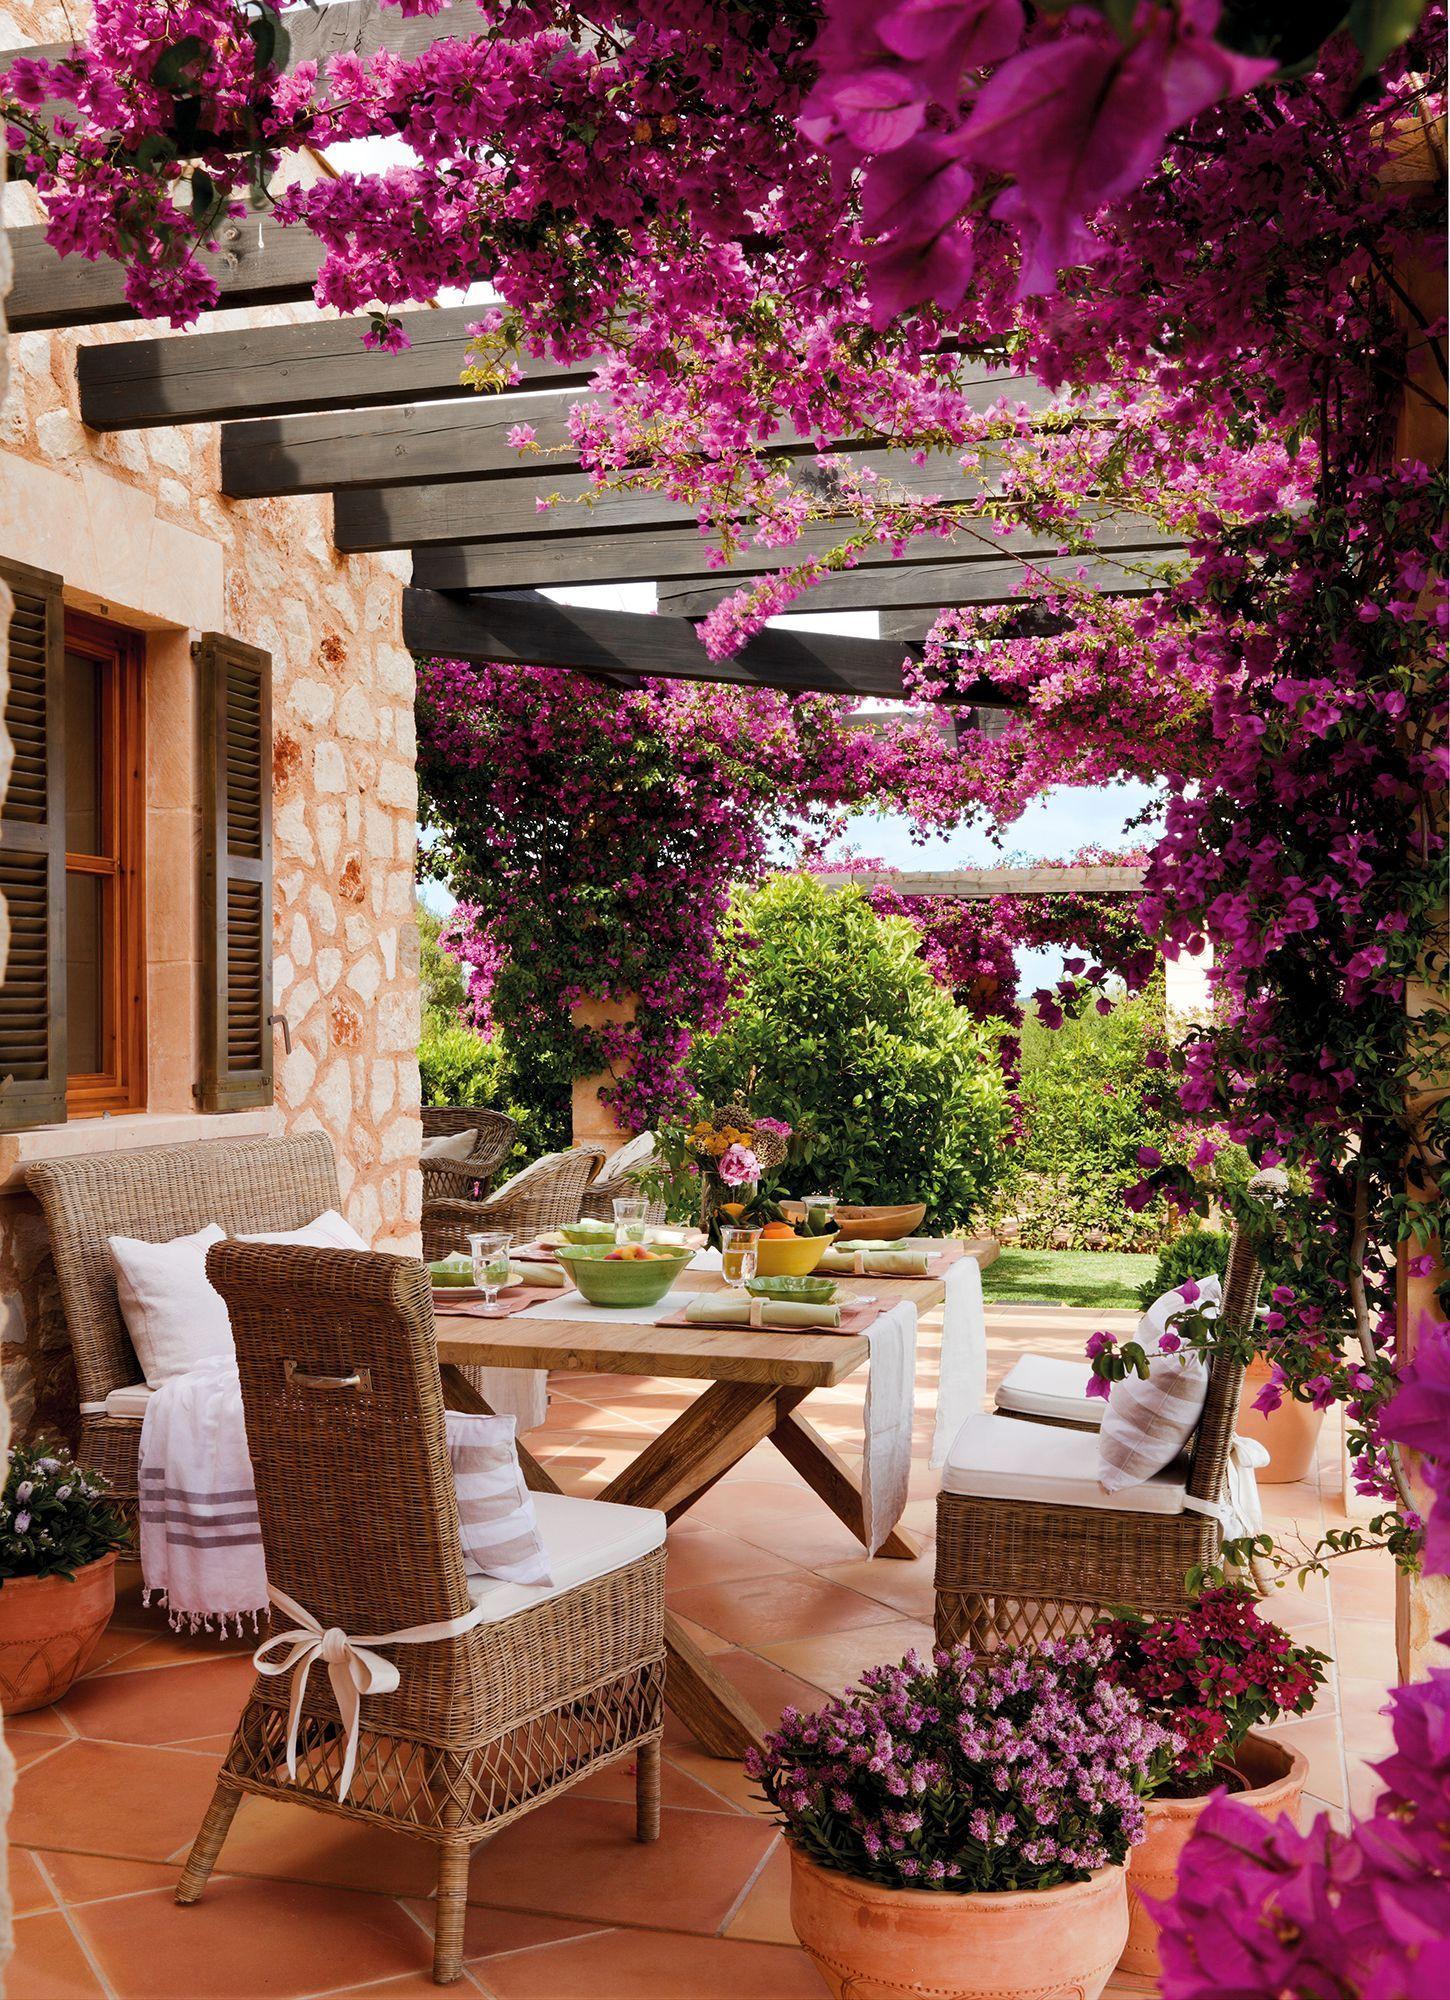 Comedor de exterior bajo pérgola cubierta de una buganvilla en flor